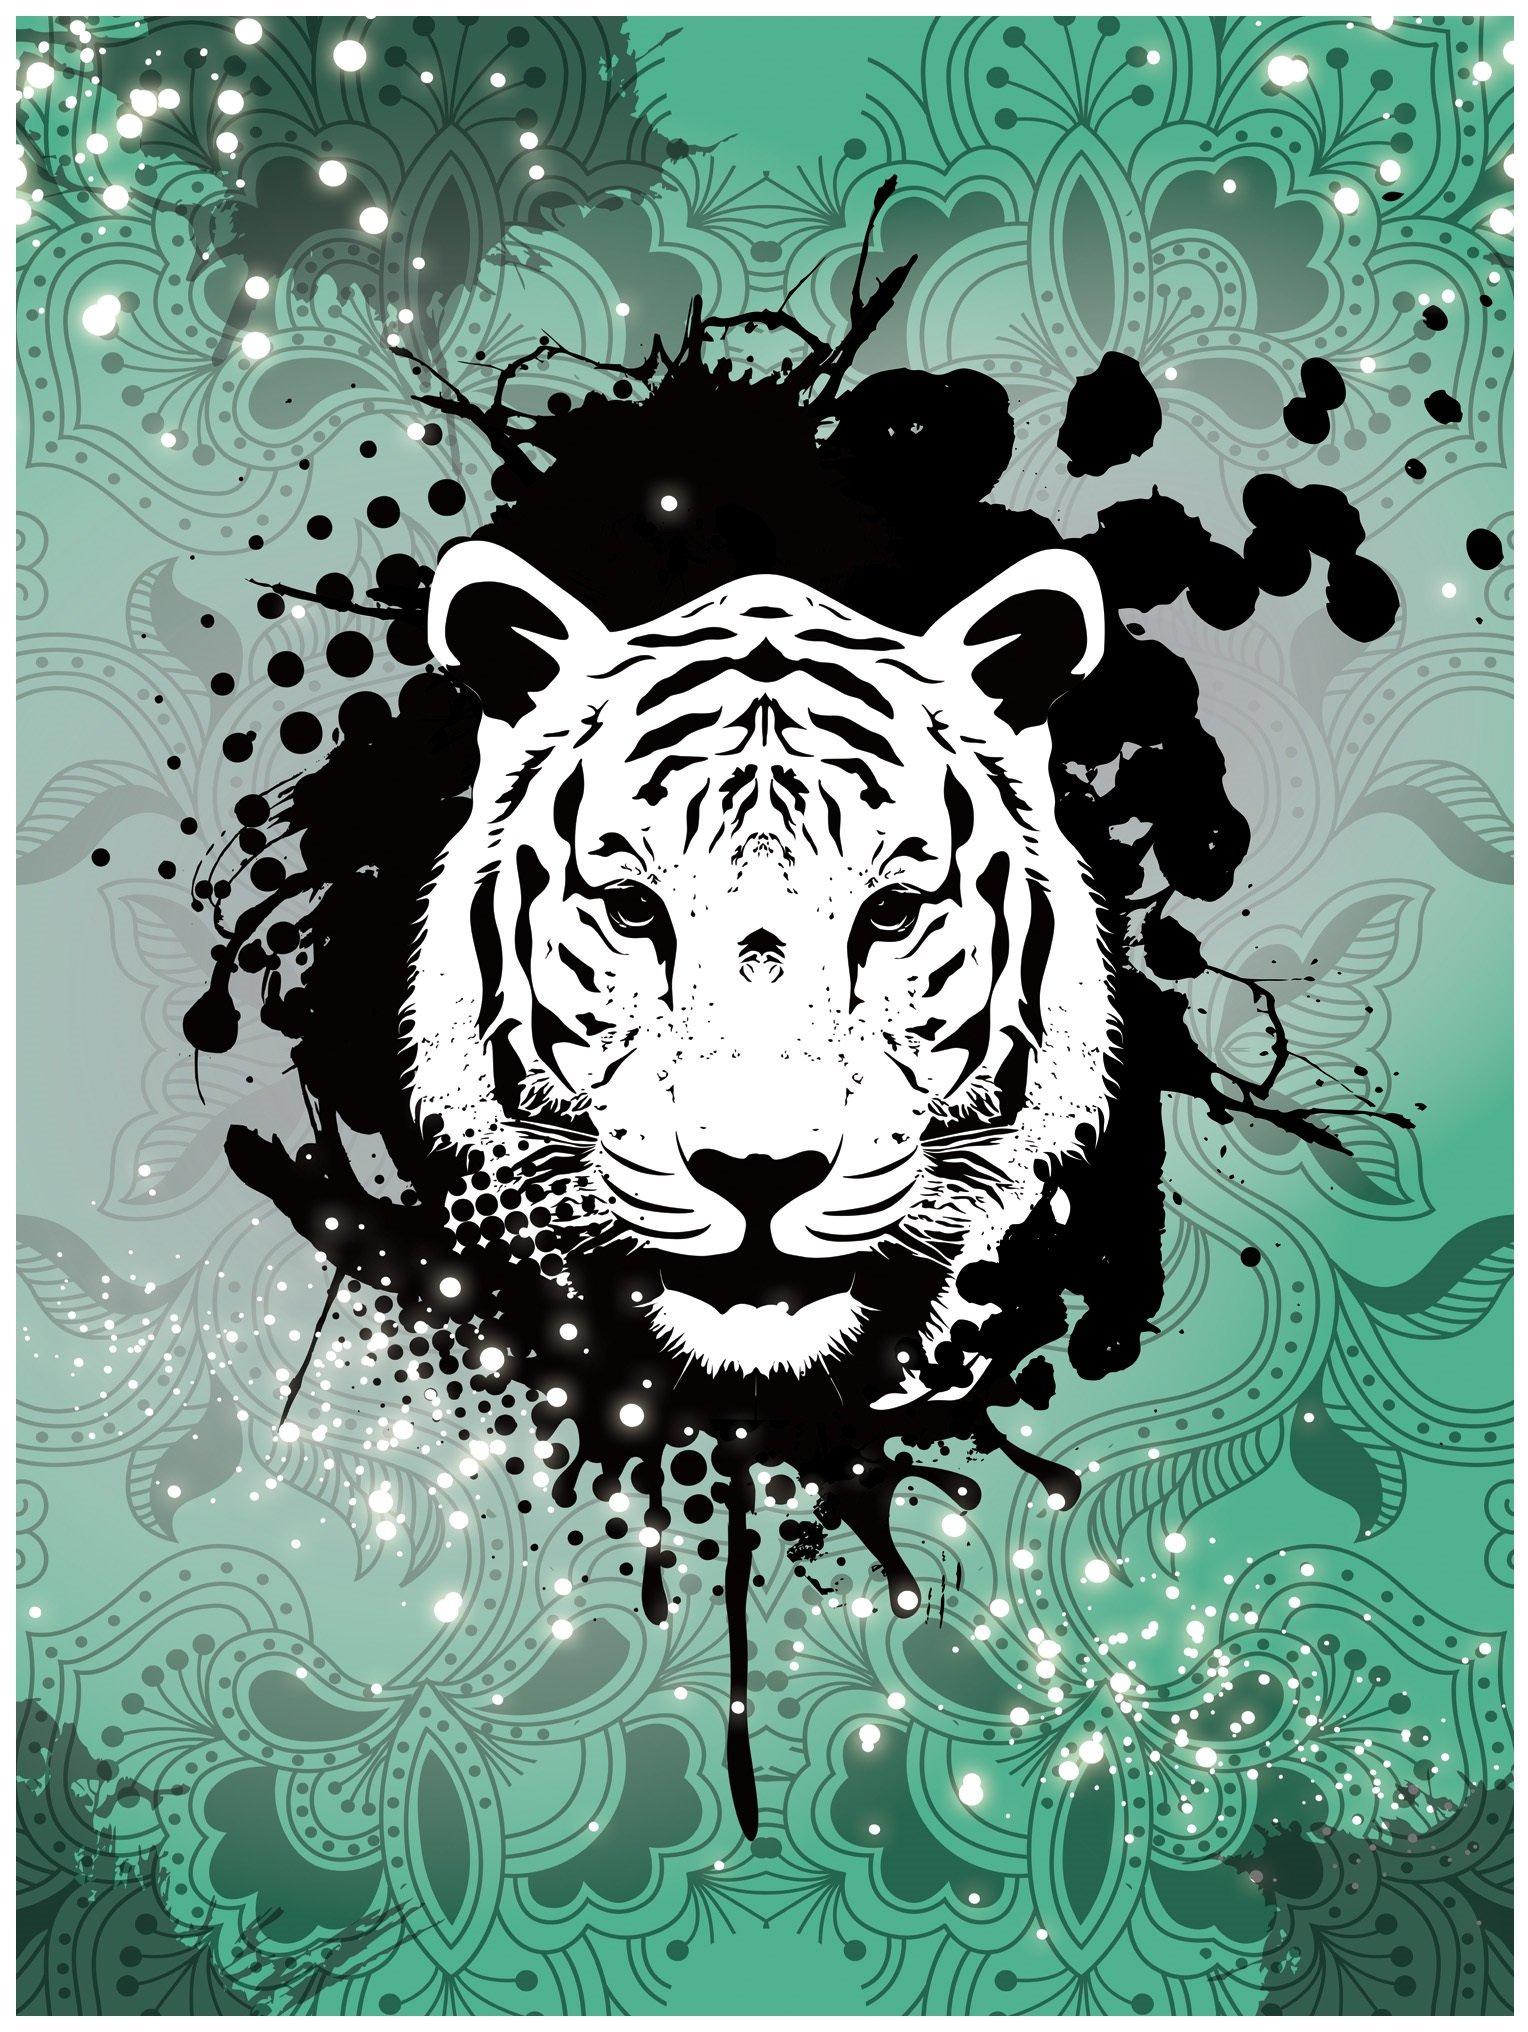 Fototapeta zwierzęta tygrys lew fototapety